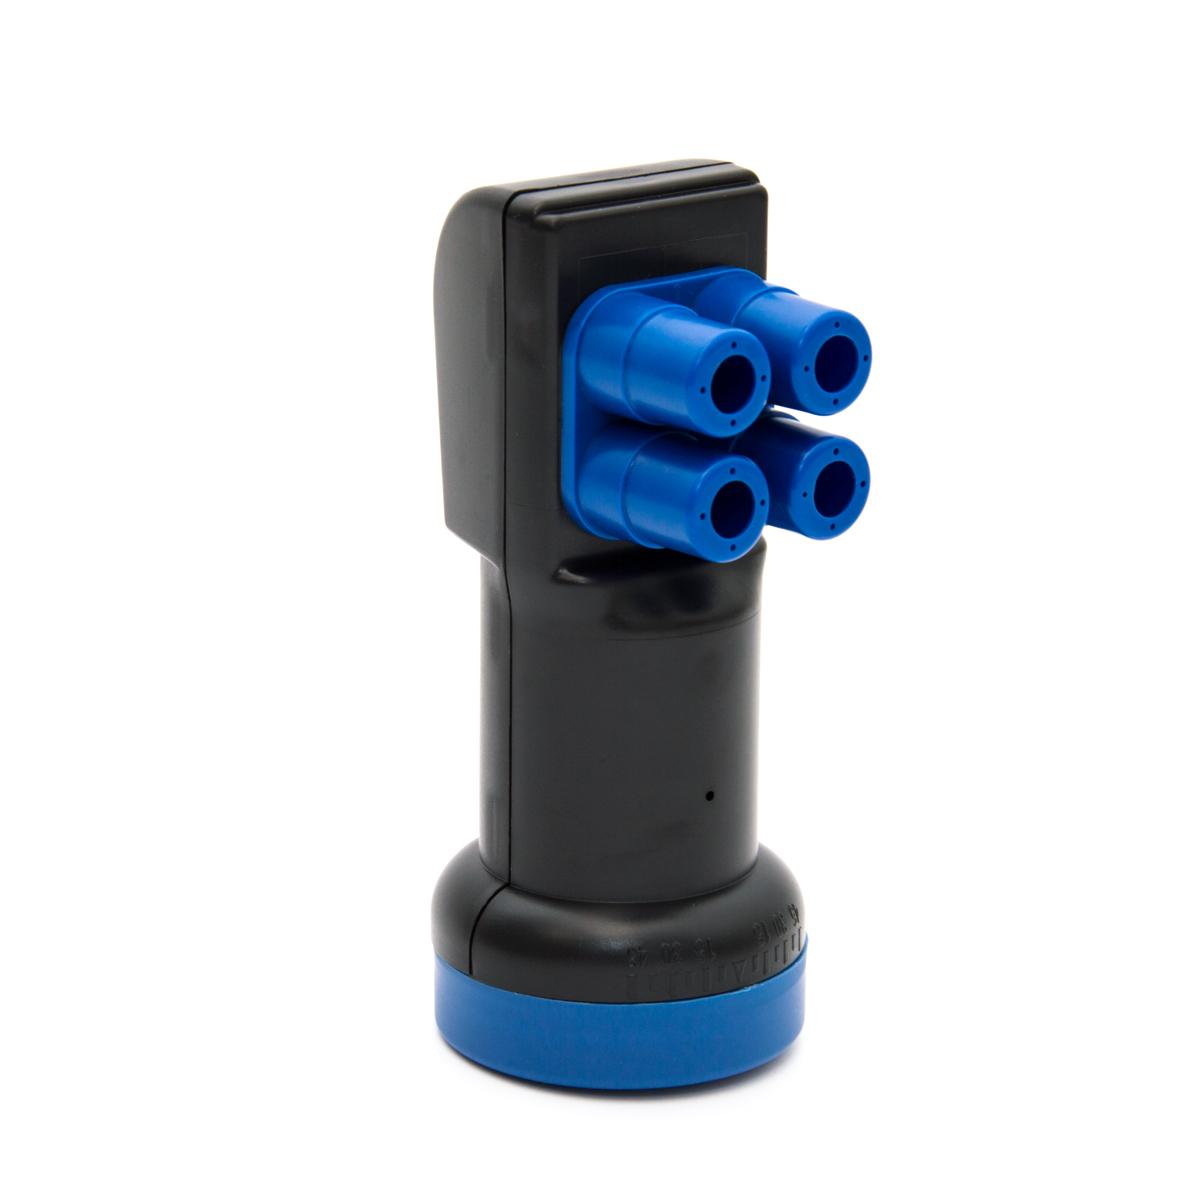 PremiumX Quad LNB PXL-QS LED Empfangskopf Sat 0,1 dB für 4 Teilnehmer HDTV FullHD 3D 4K High Quality inkl. Wetterschutz